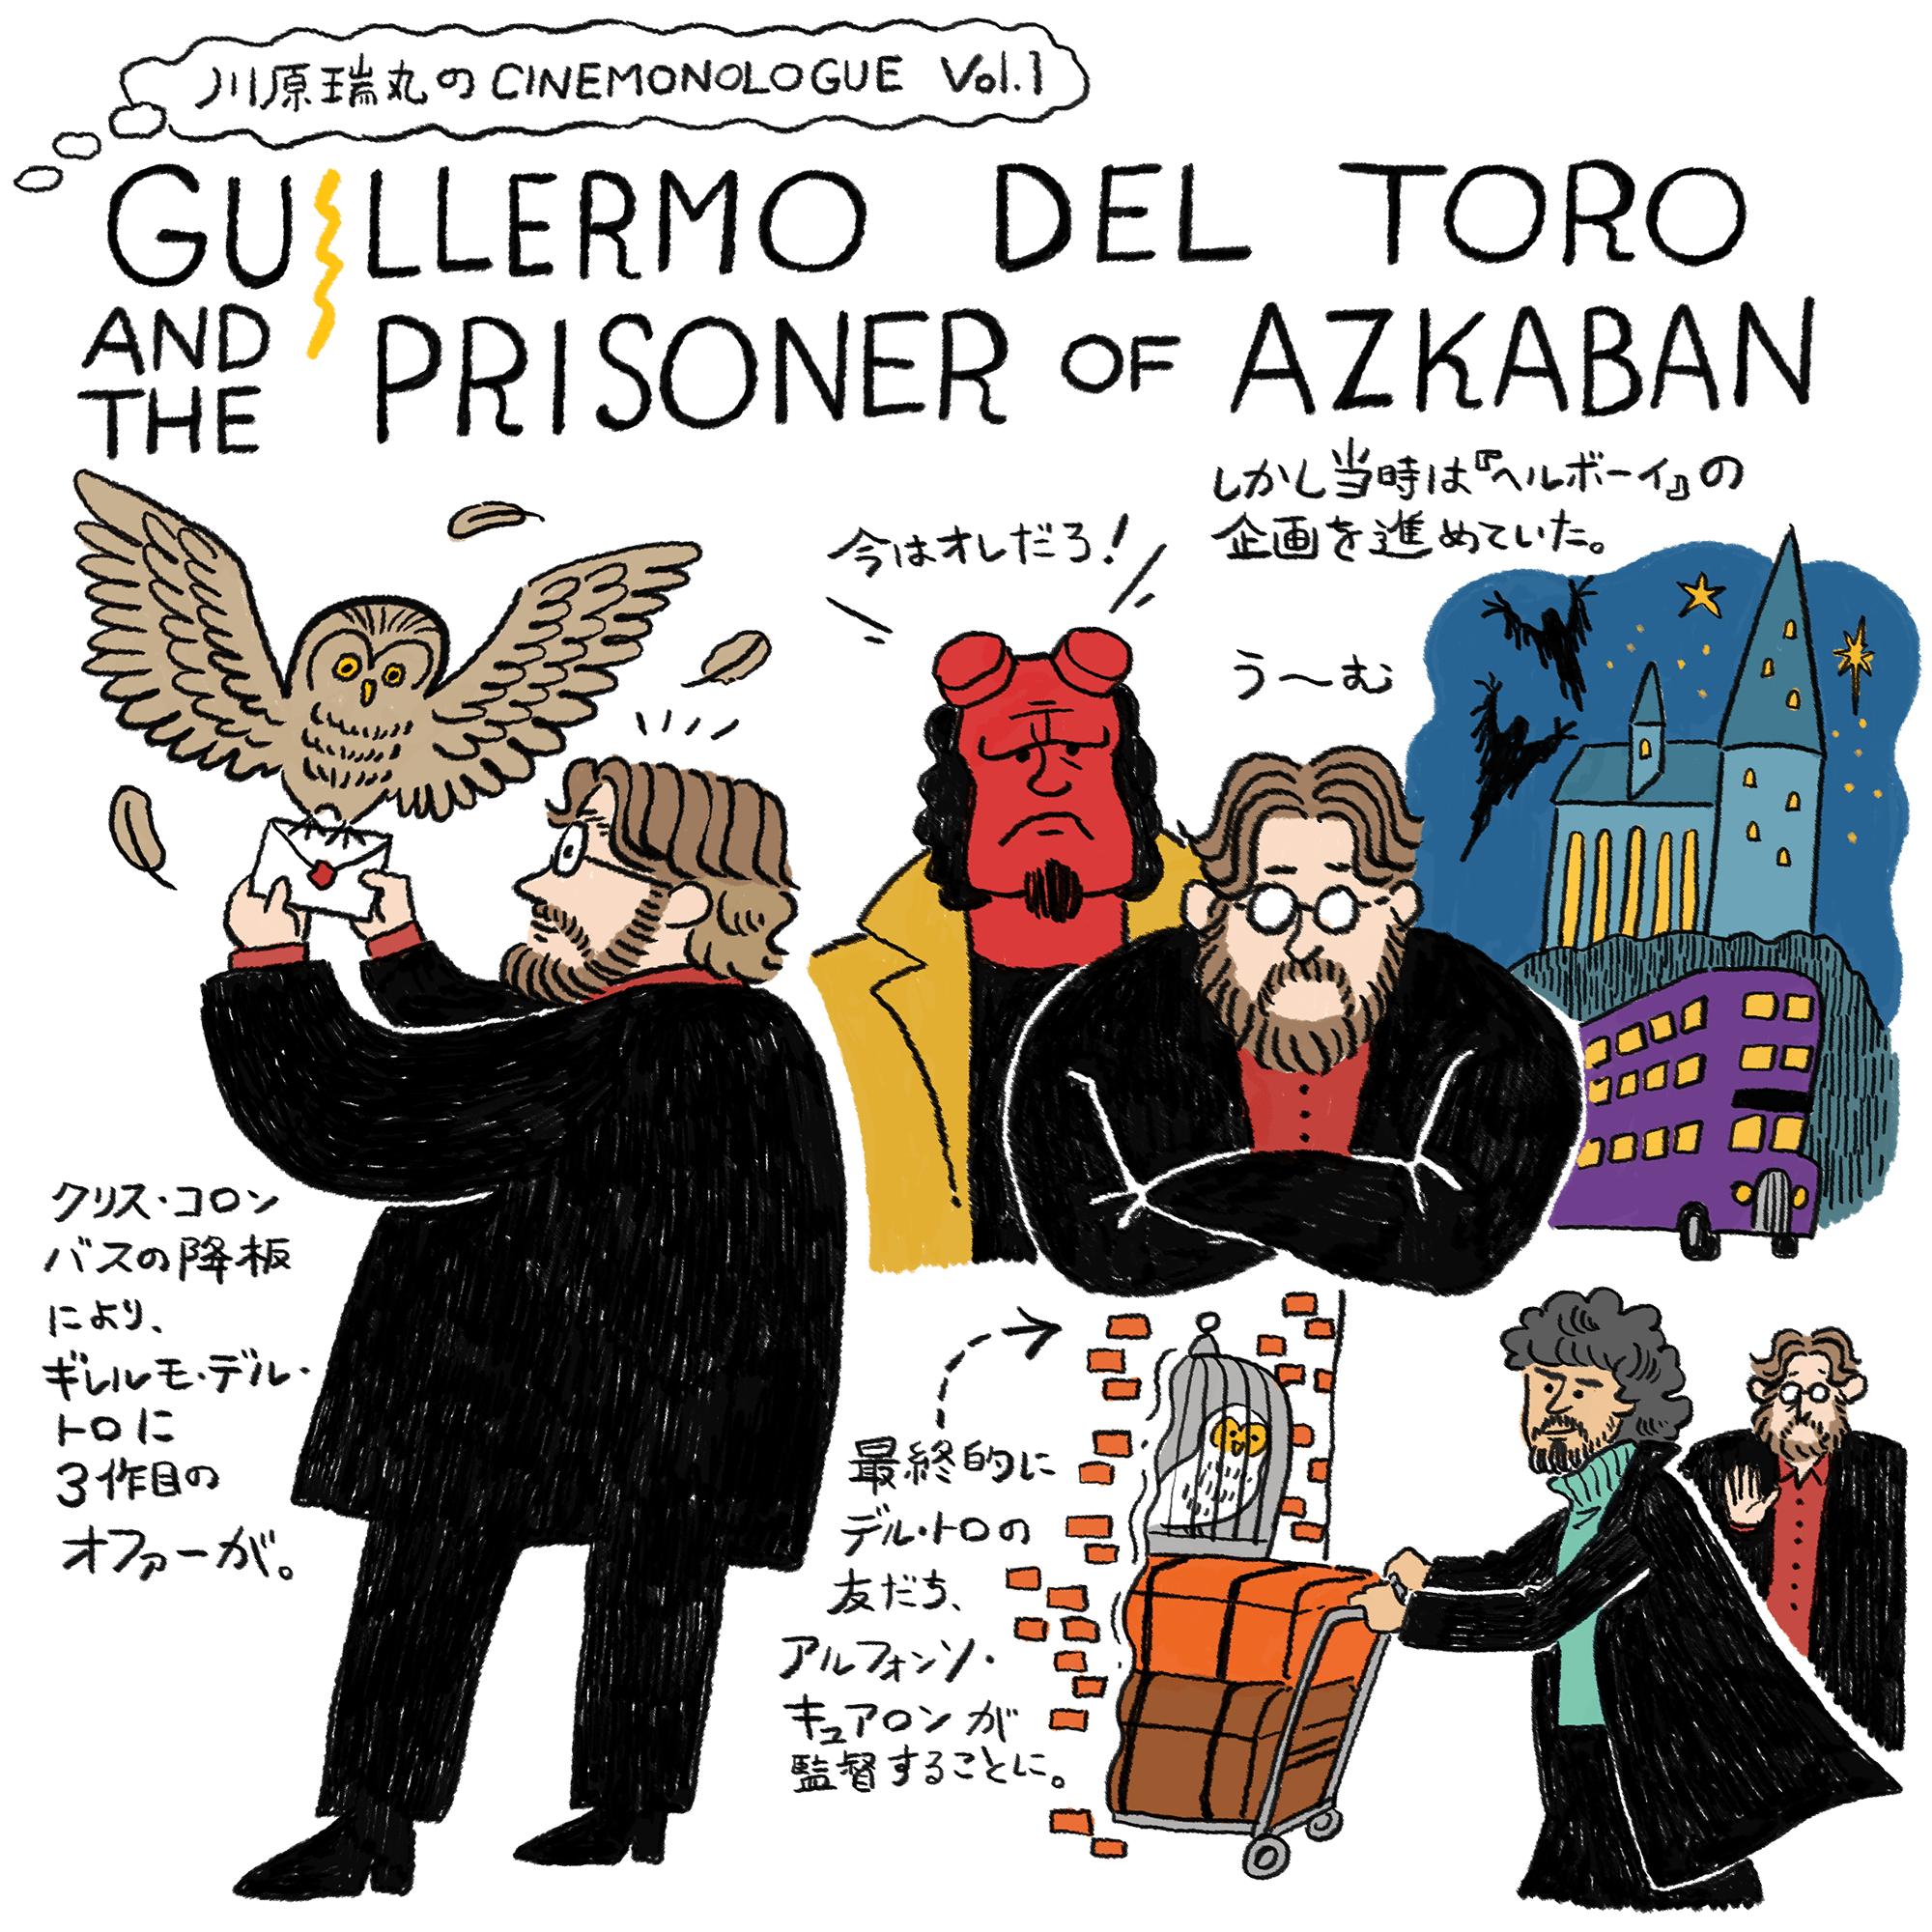 ギレルモ・デル・トロとアズカバンの囚人【川原瑞丸のCINEMONOLOGUE  Vol.1】